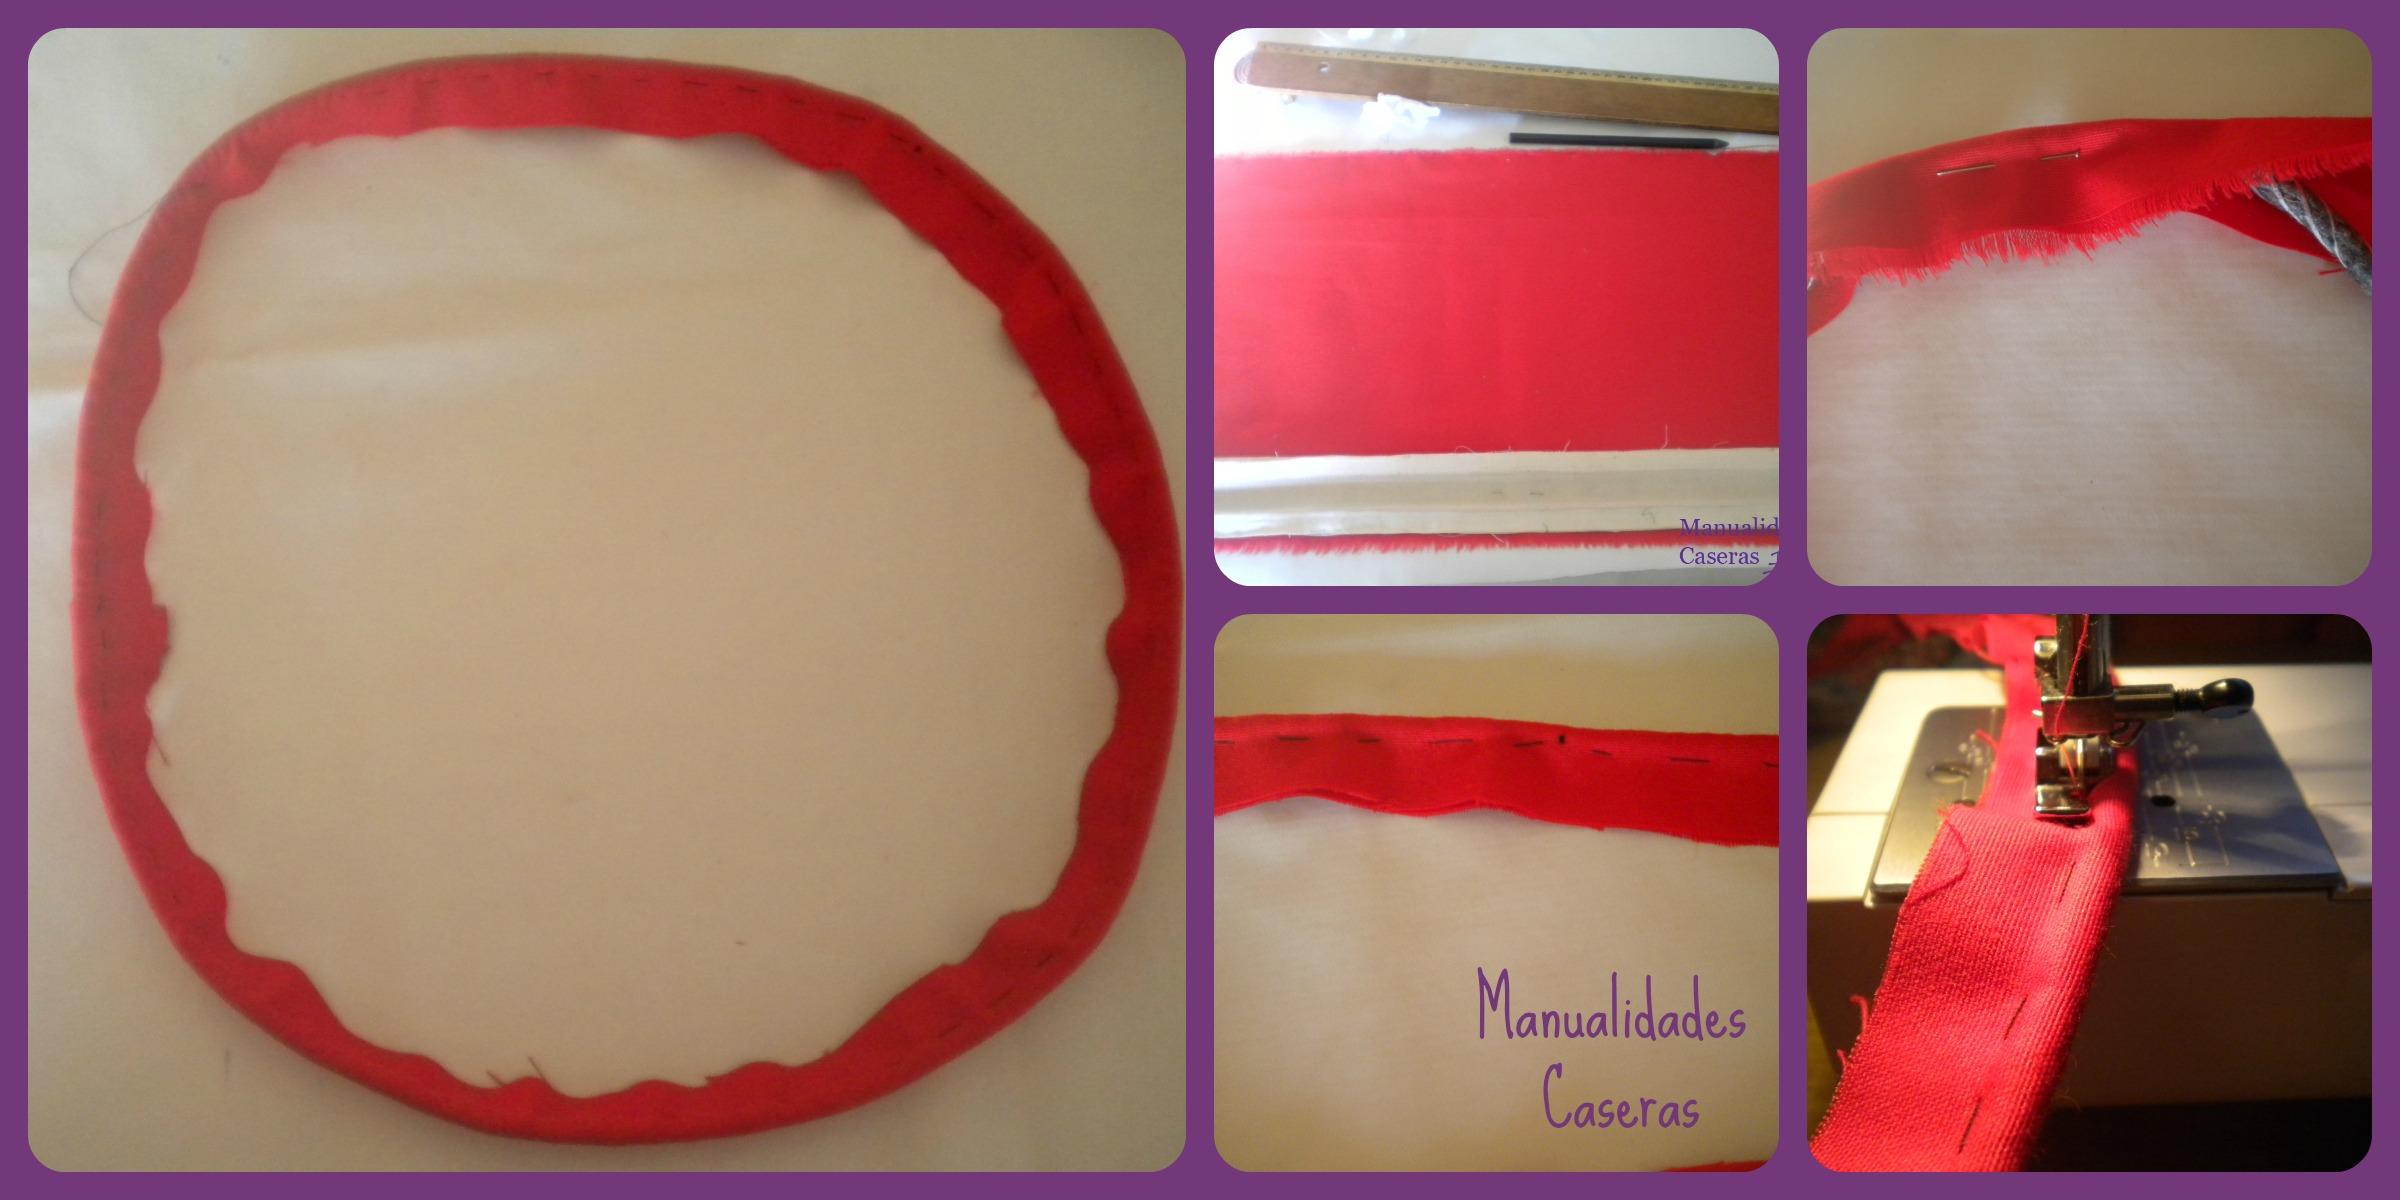 Manualidades Caseras Inma_ Restauración de taburete_ como coser el cordón de arriba